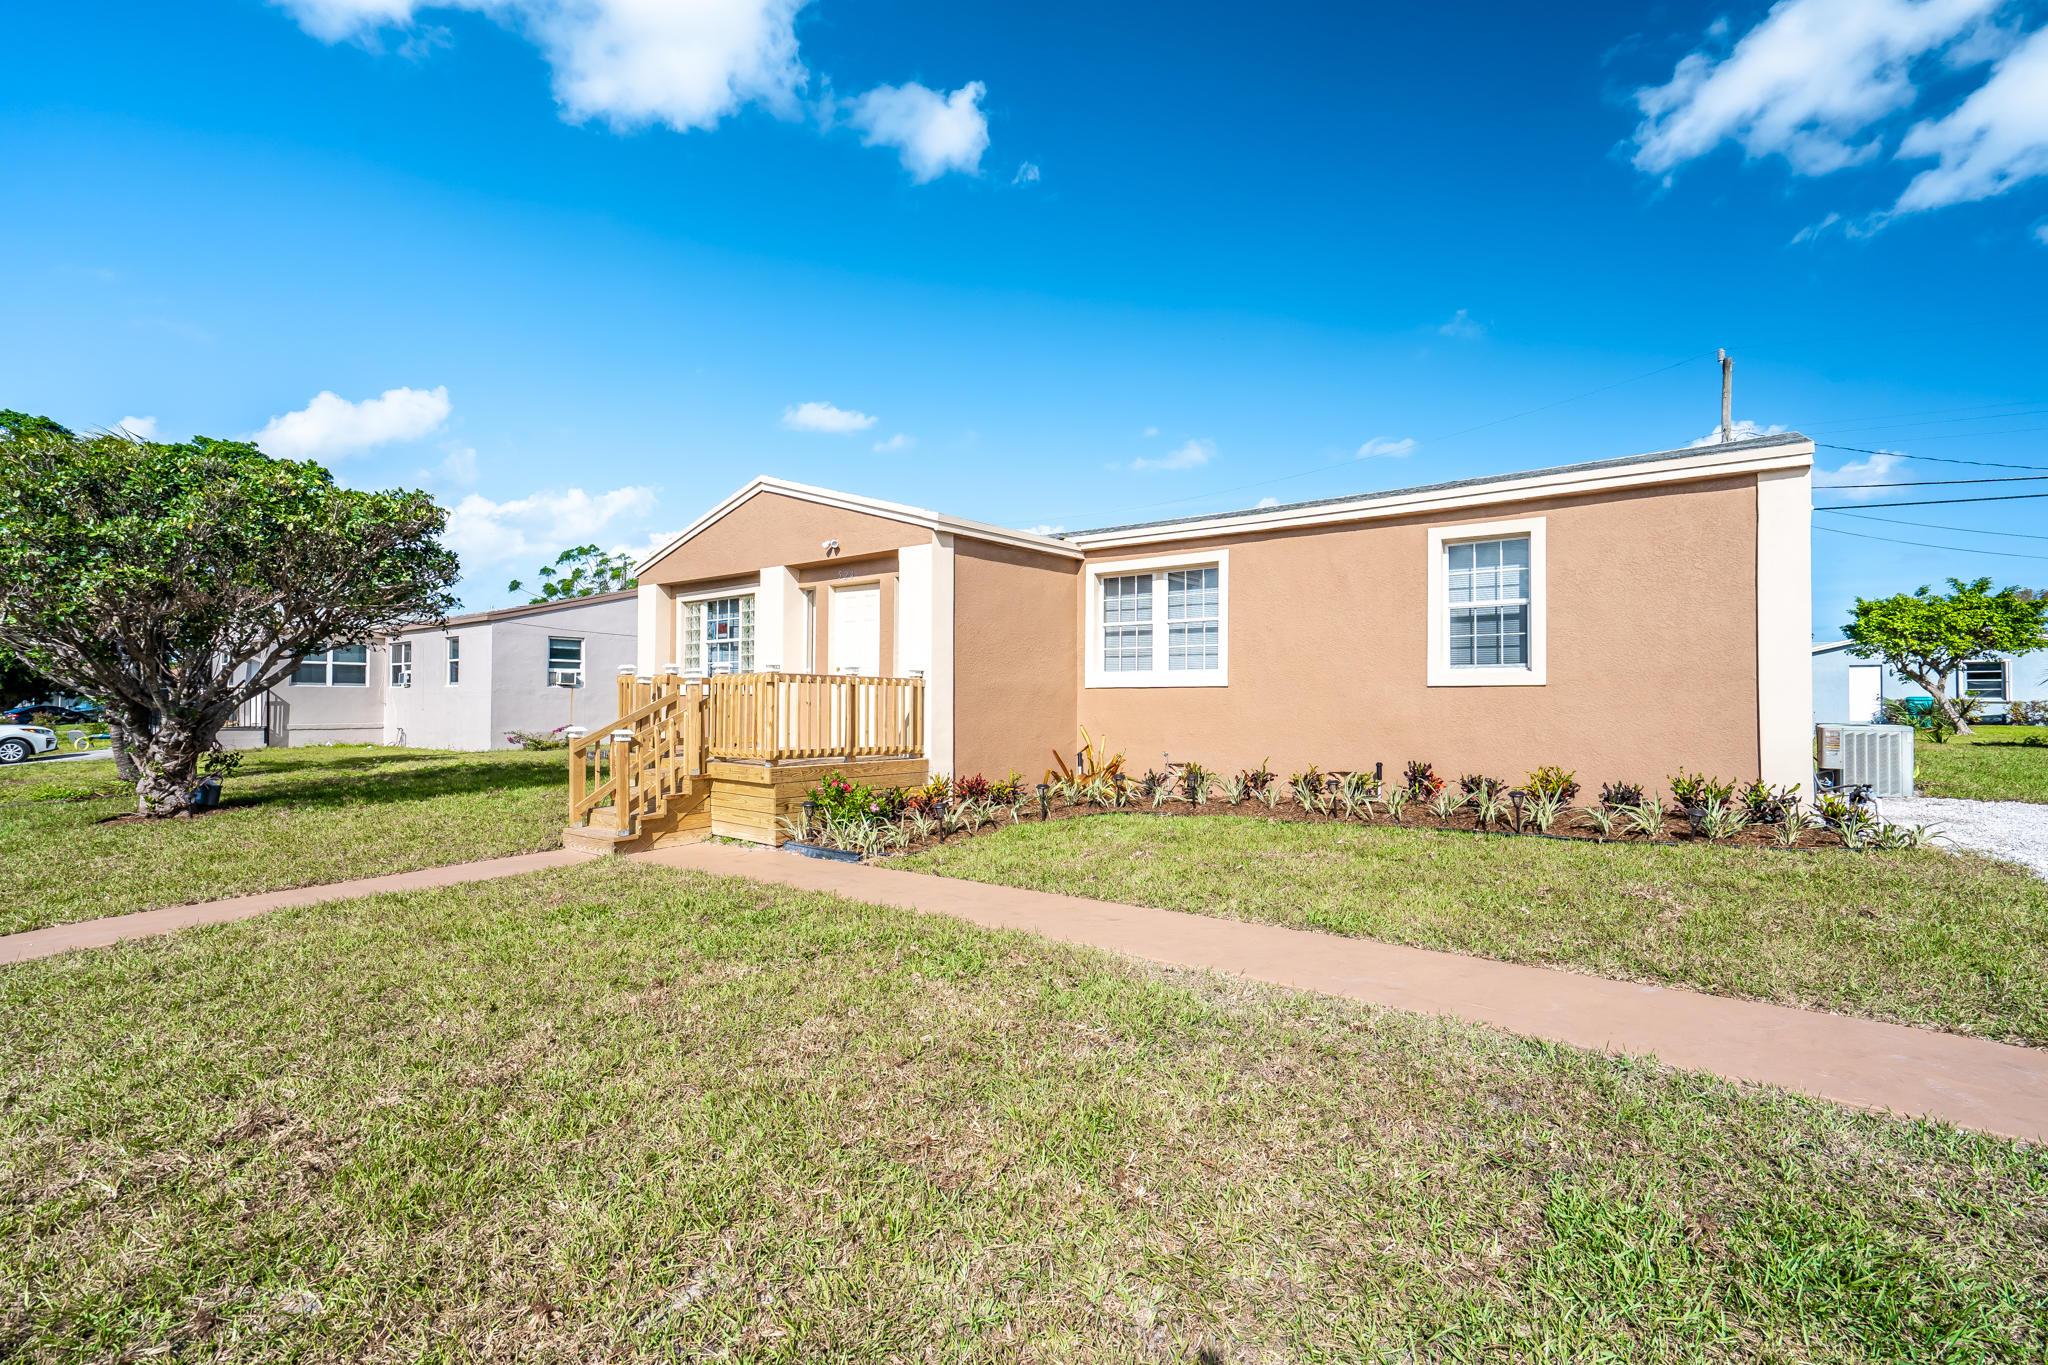 Home for sale in BOYNTON HILLS IN Boynton Beach Florida